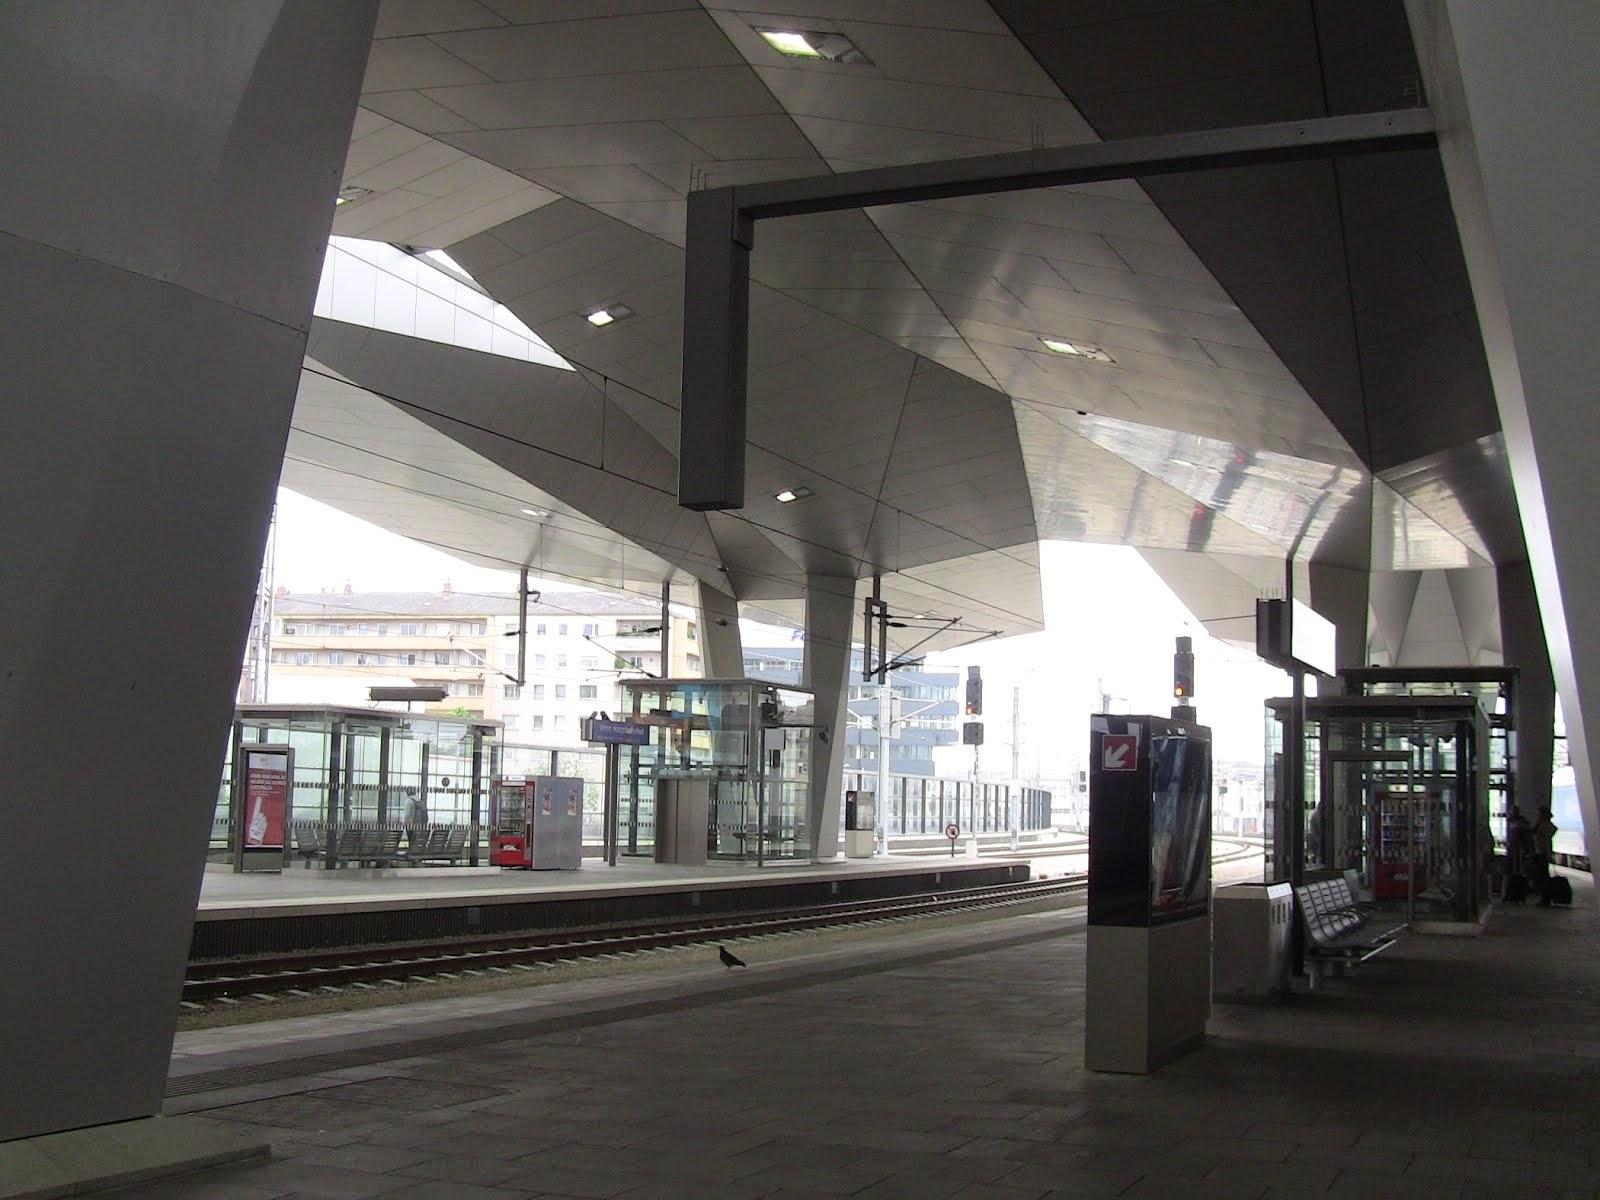 Wien Haupbahnhof le futur est parmi nous.